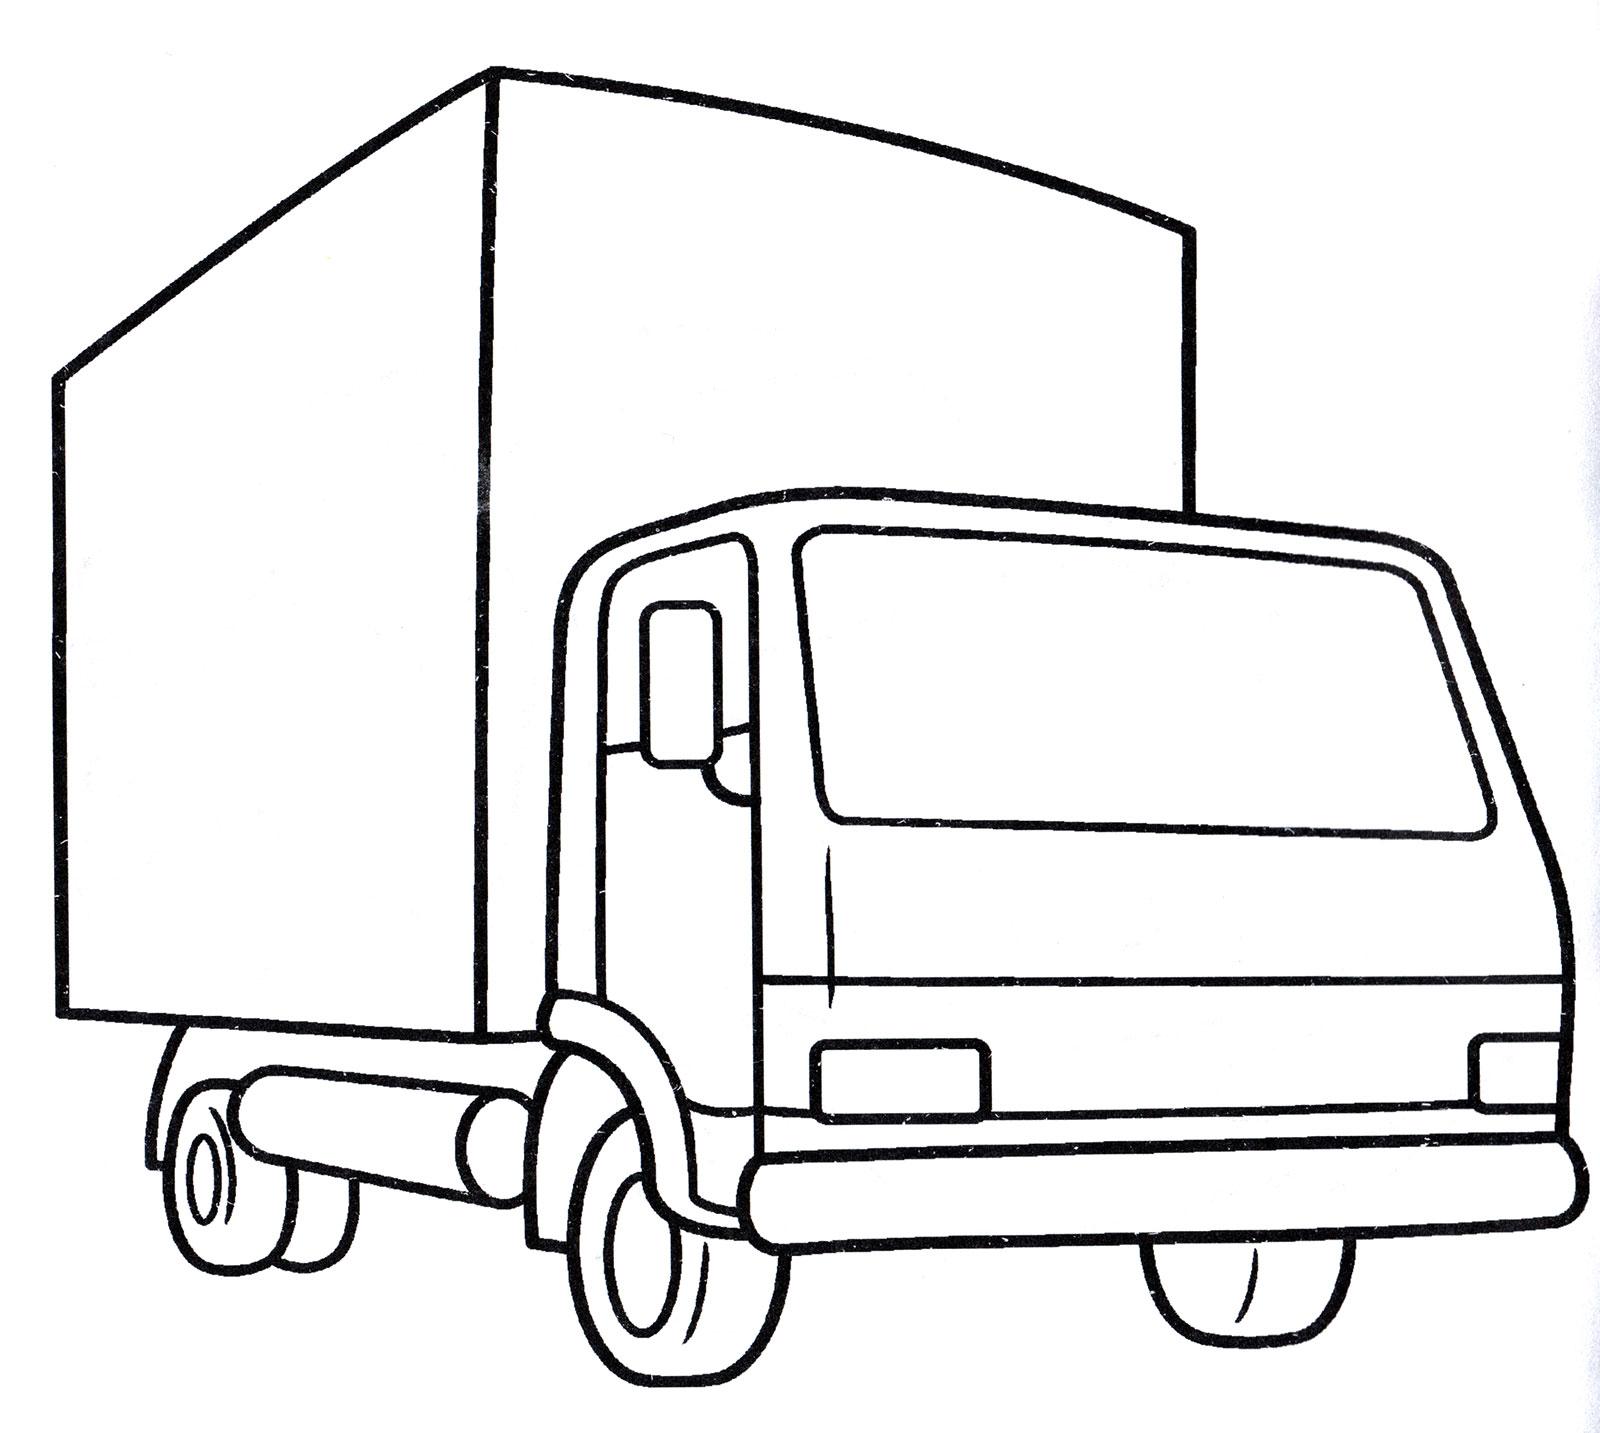 Раскраска Небольшой грузовик | Раскраски Грузовики